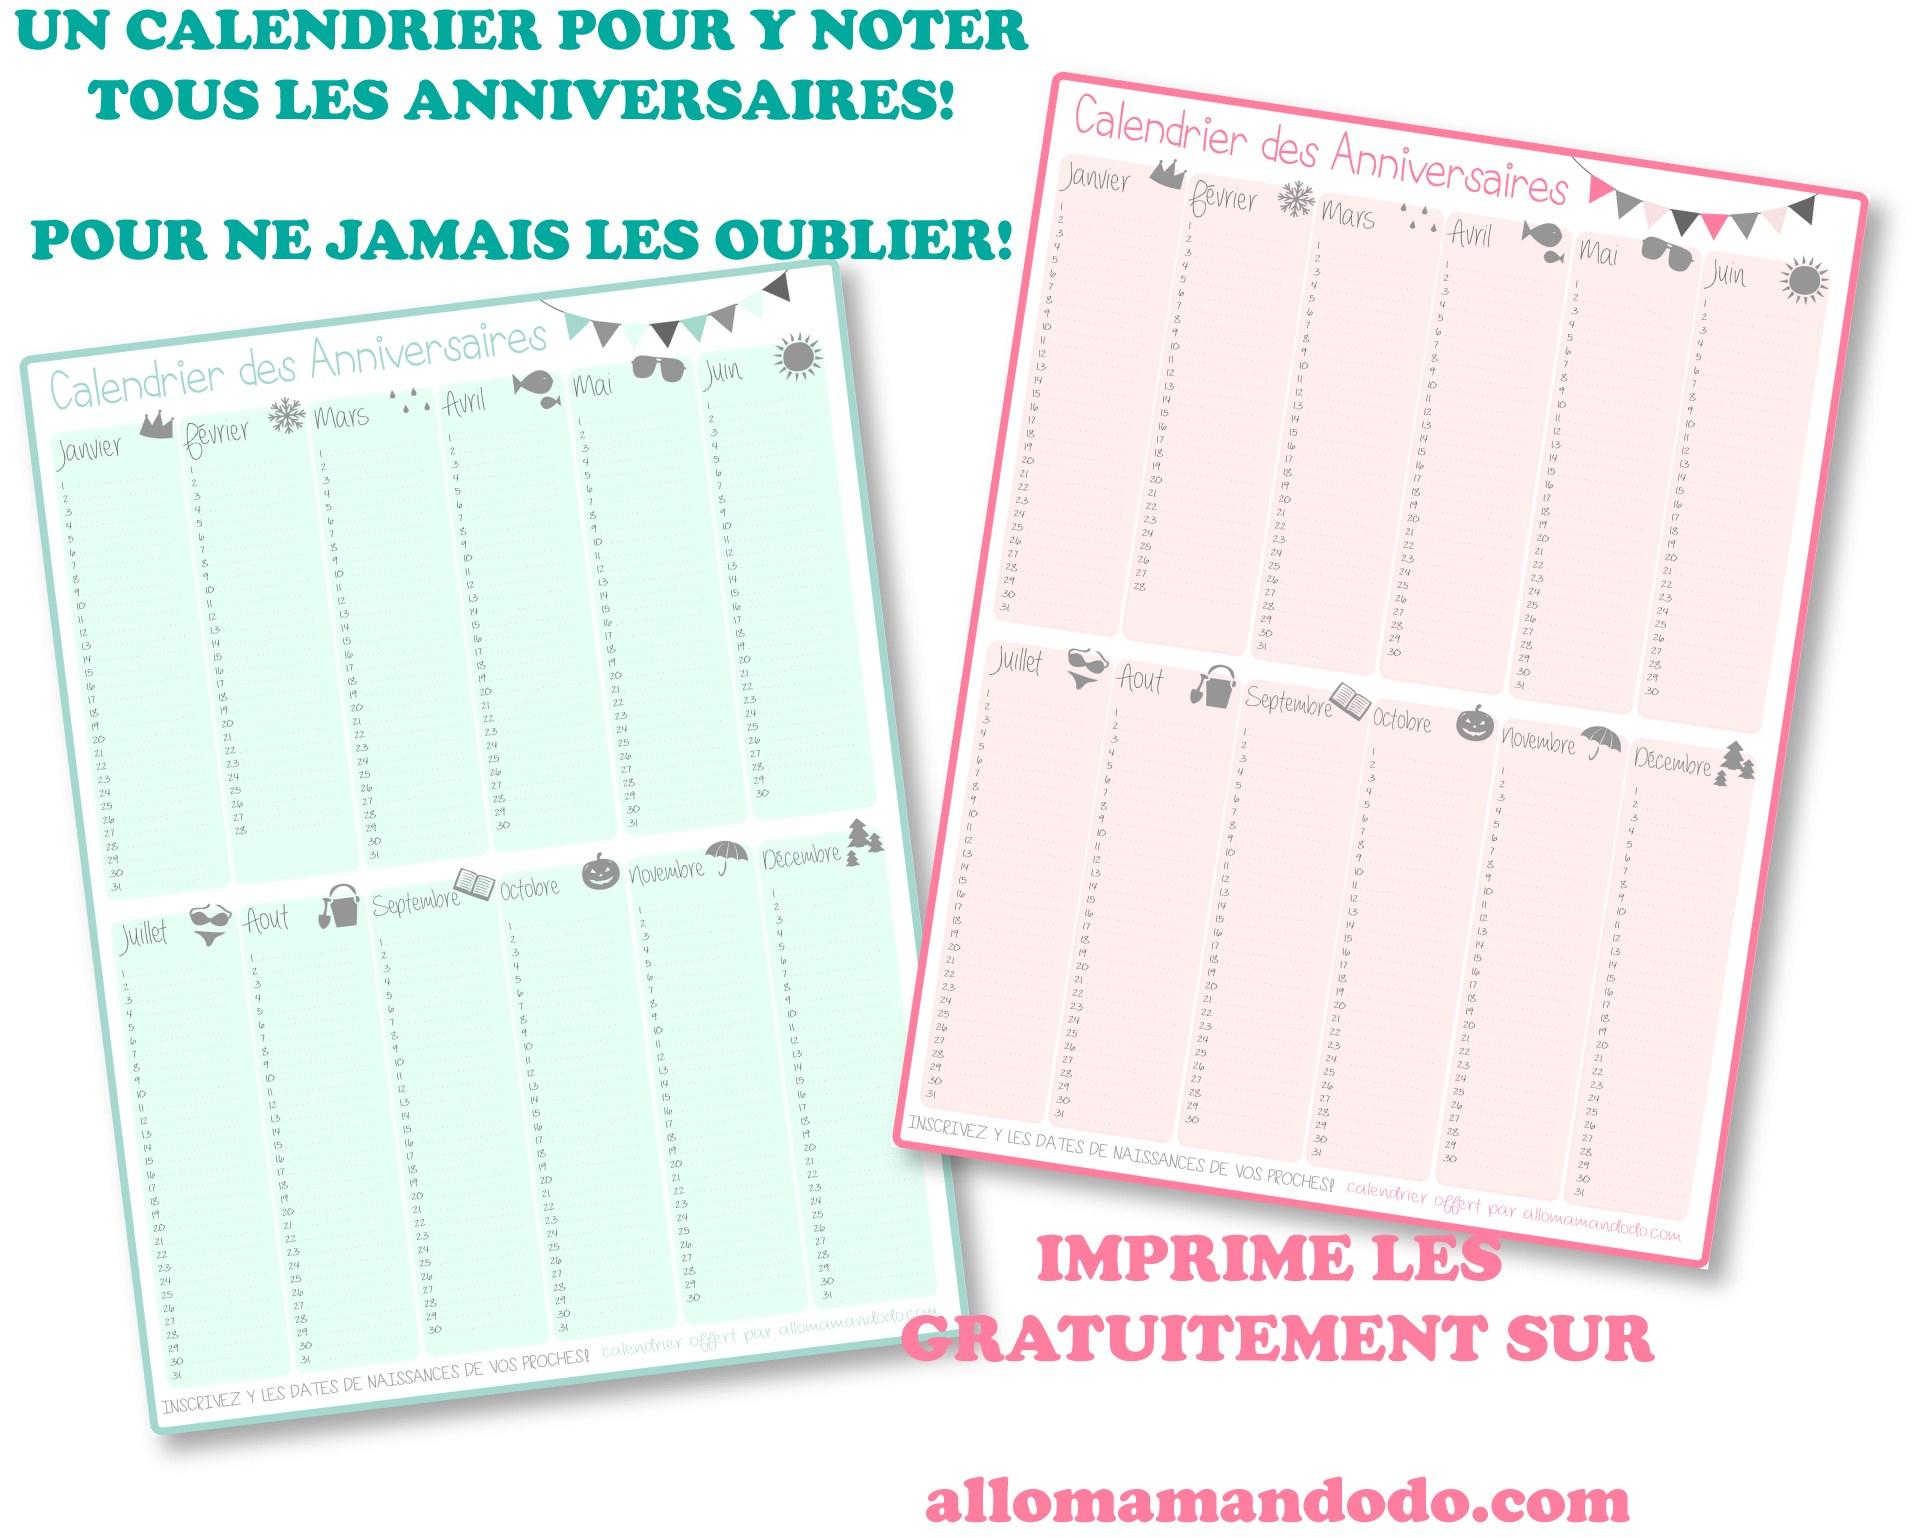 Un Calendrier Des Anniversaires… Pour Ne Jamais Plus Les concernant Calendrier Des Anniversaires À Imprimer